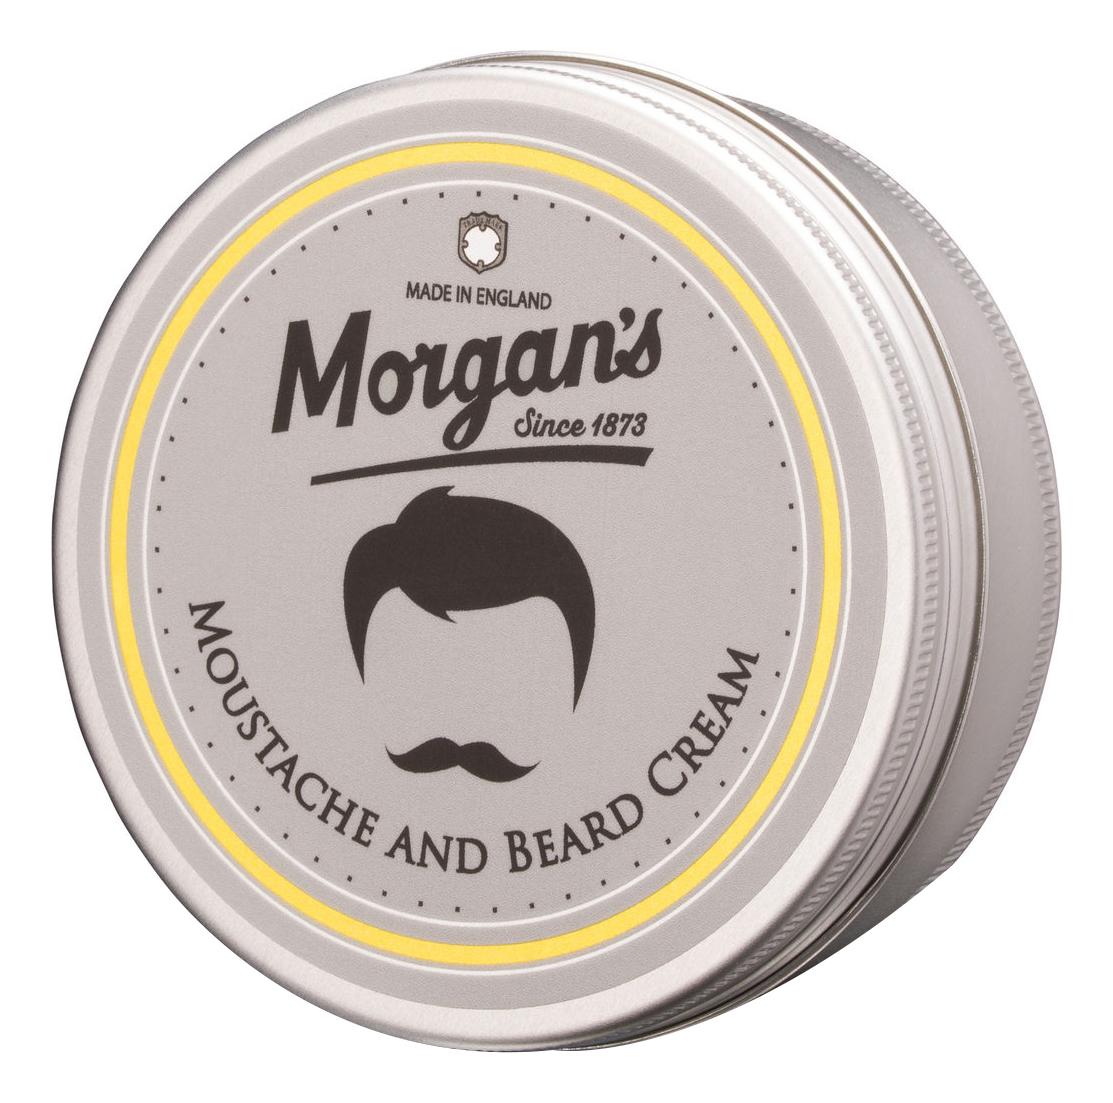 Крем для усов и бороды Moustache And Beard Cream 75мл крем для усов и бороды moustache and beard cream 75мл